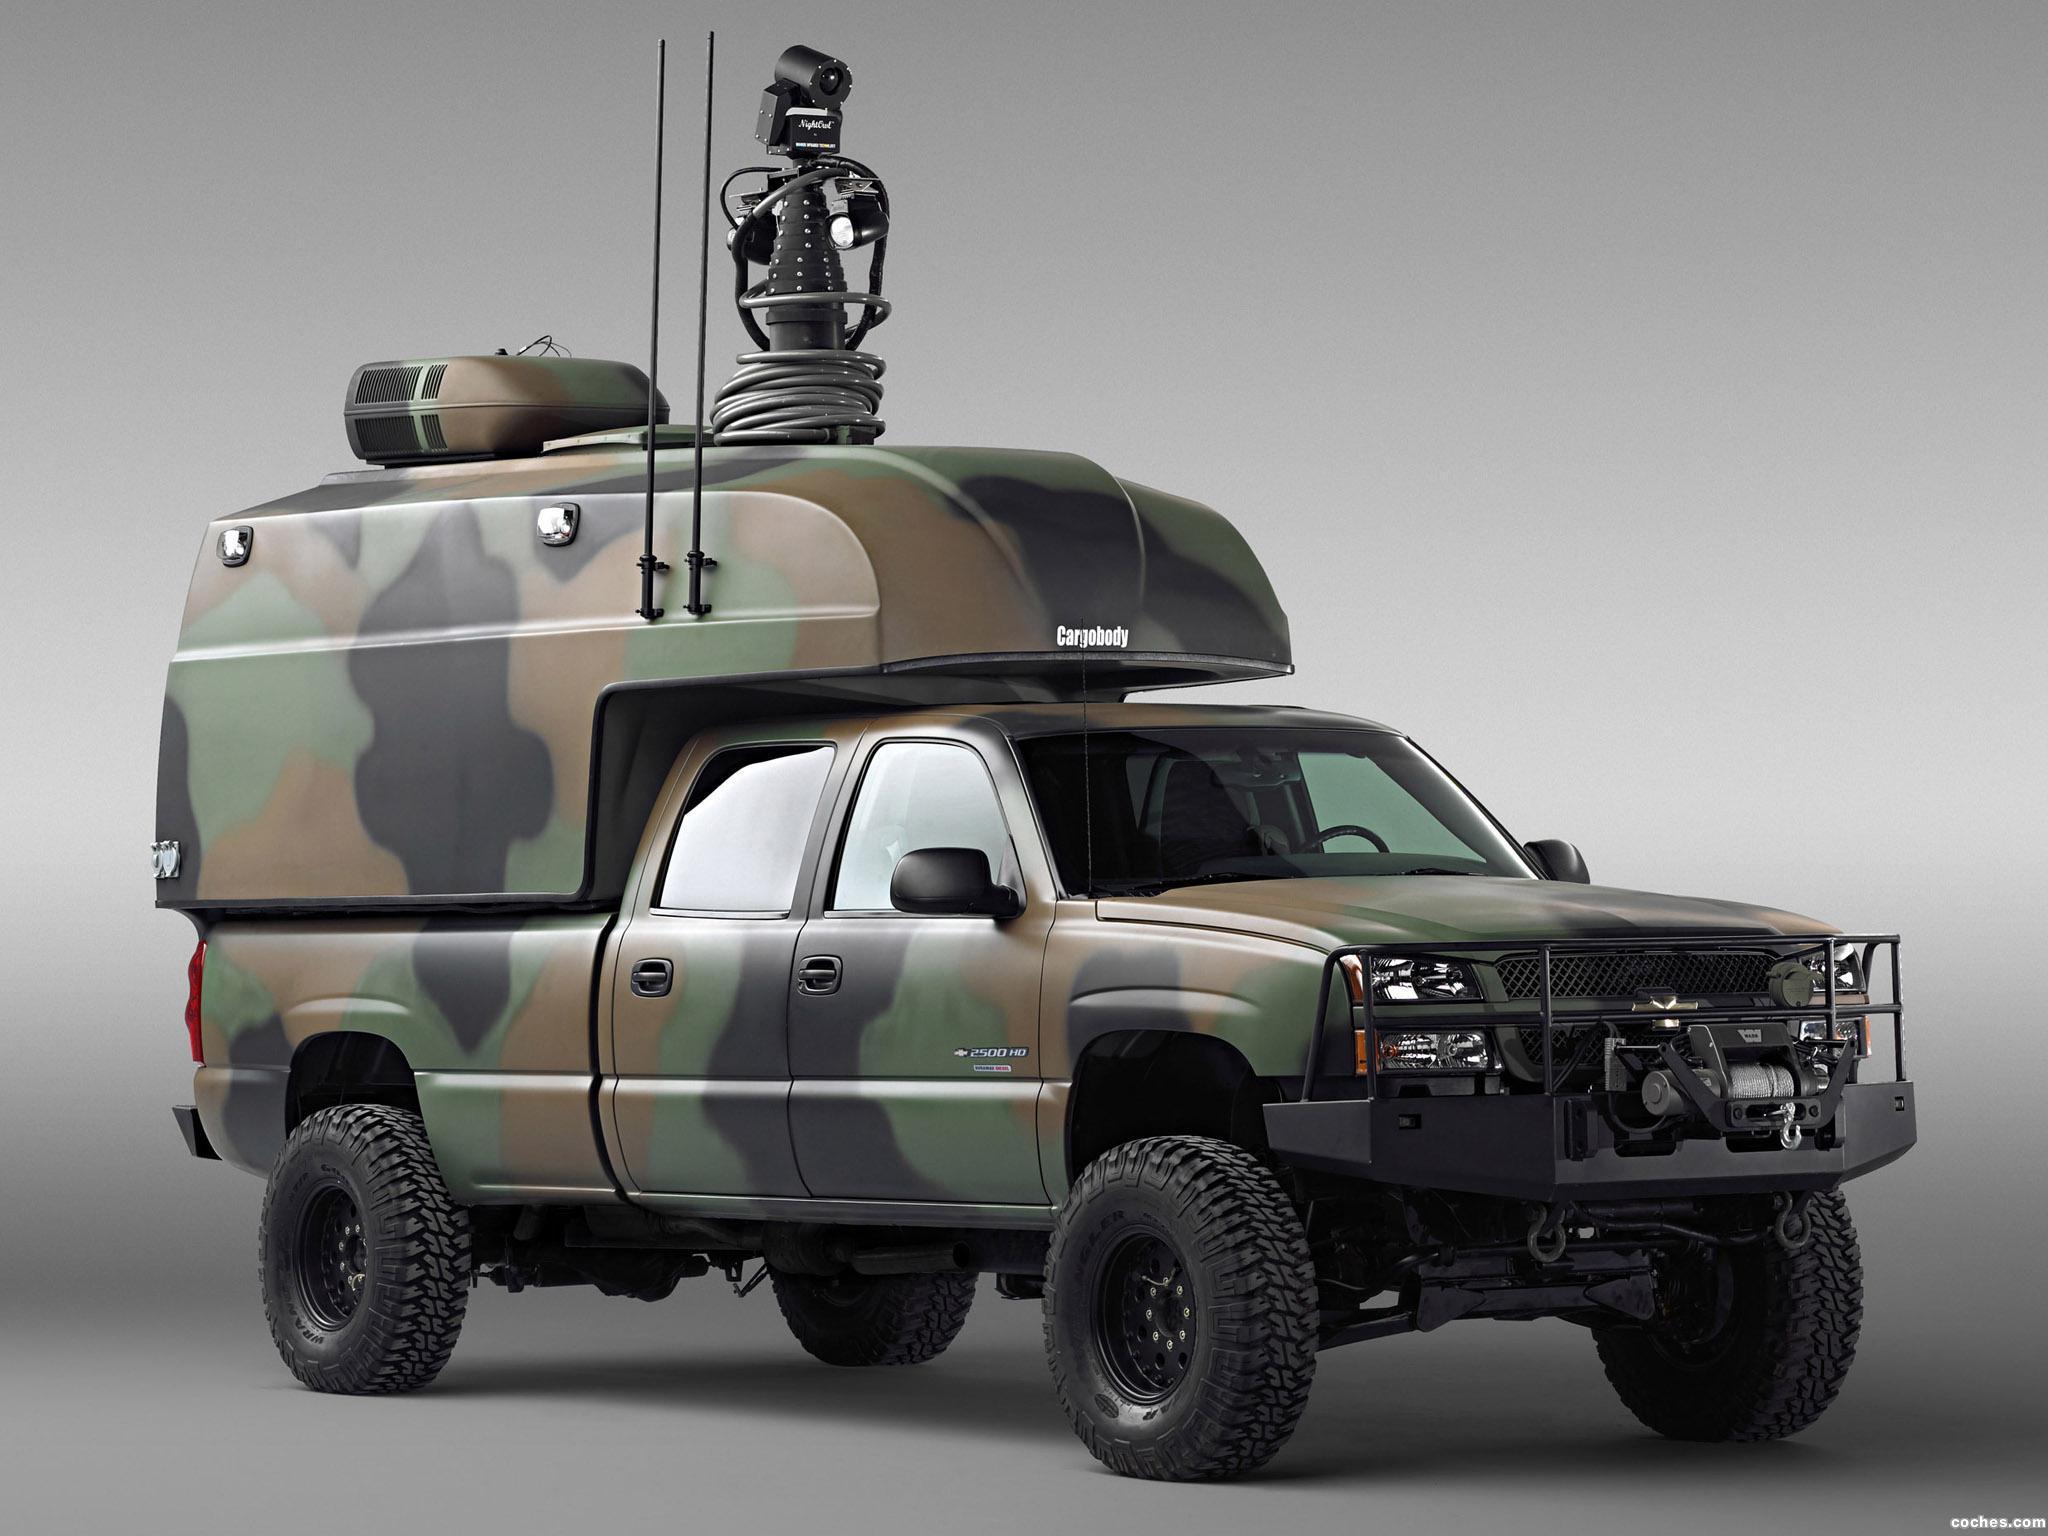 Foto 0 de Chevrolet Silverado Military Vehicle 2013